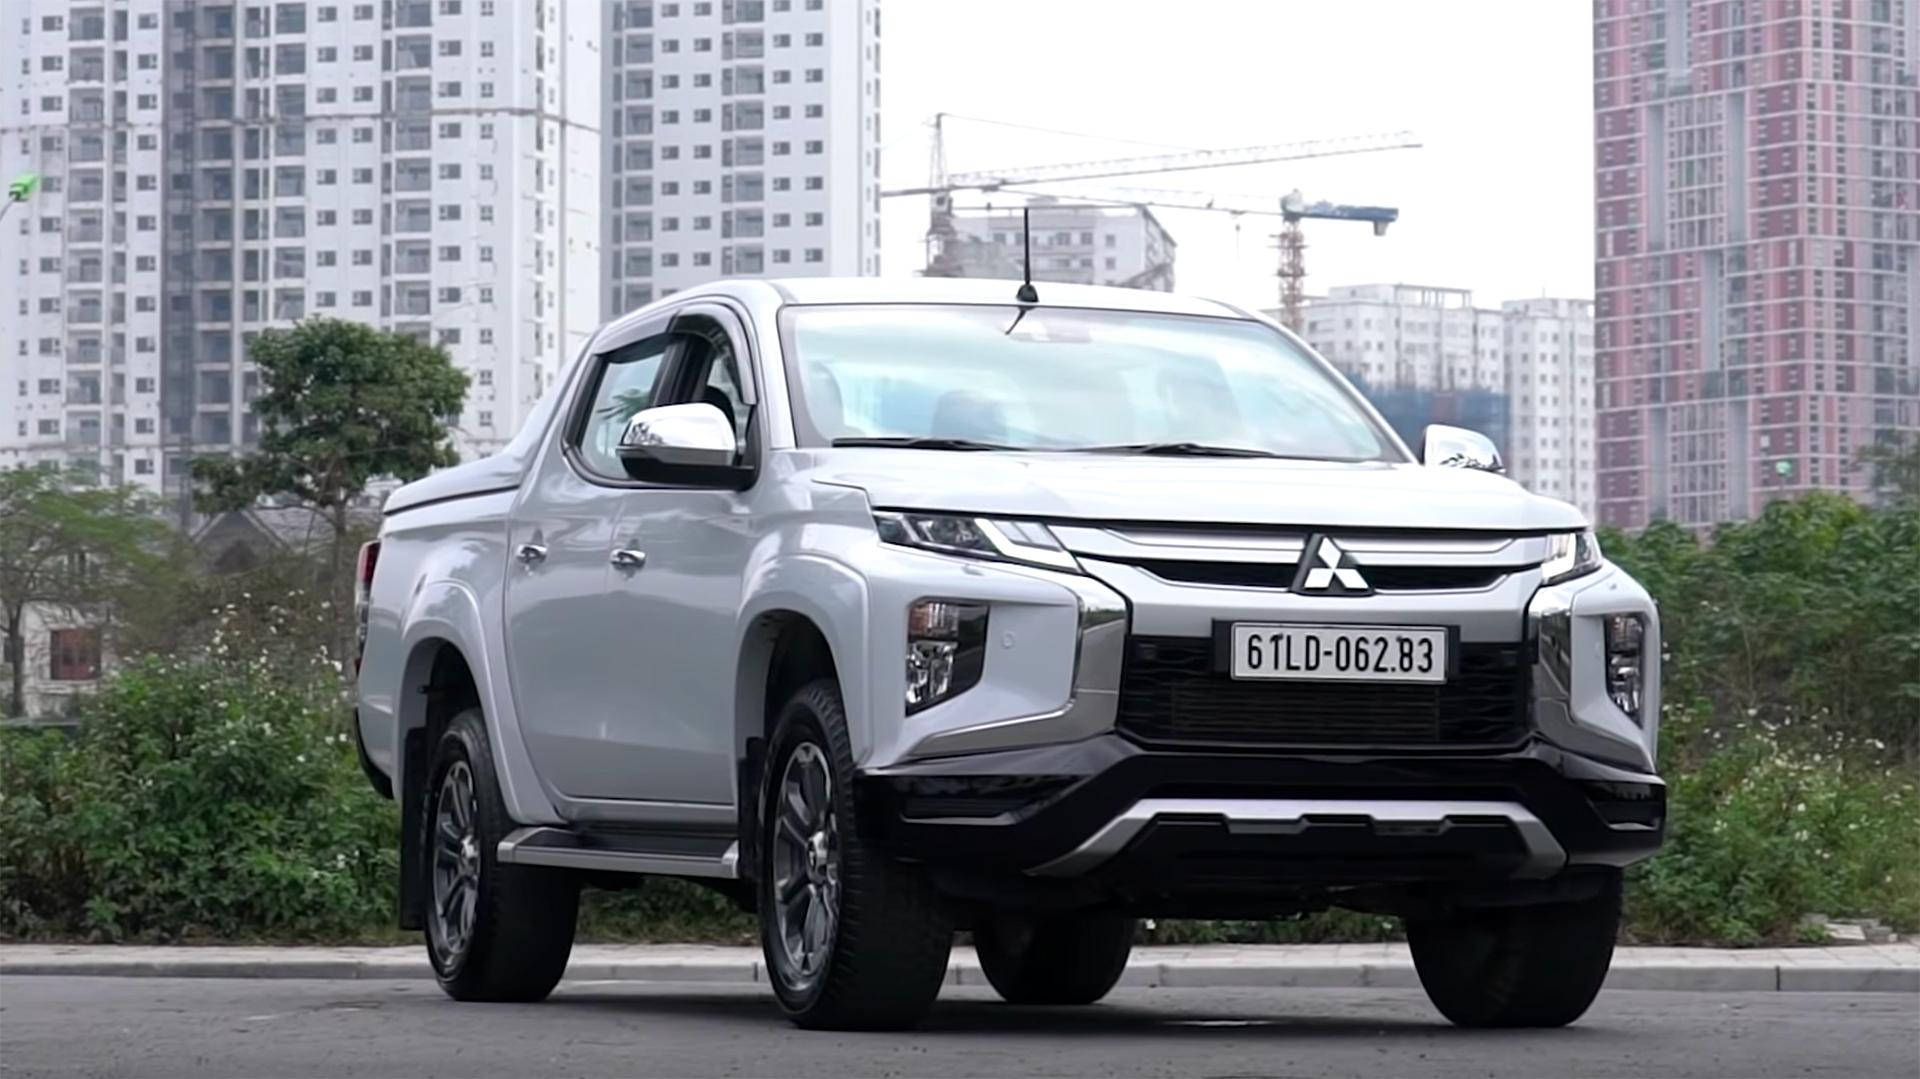 Mitsubishi Triton 2020 mới - Vì sao bạn nên mua một chiếc xe bán tải?